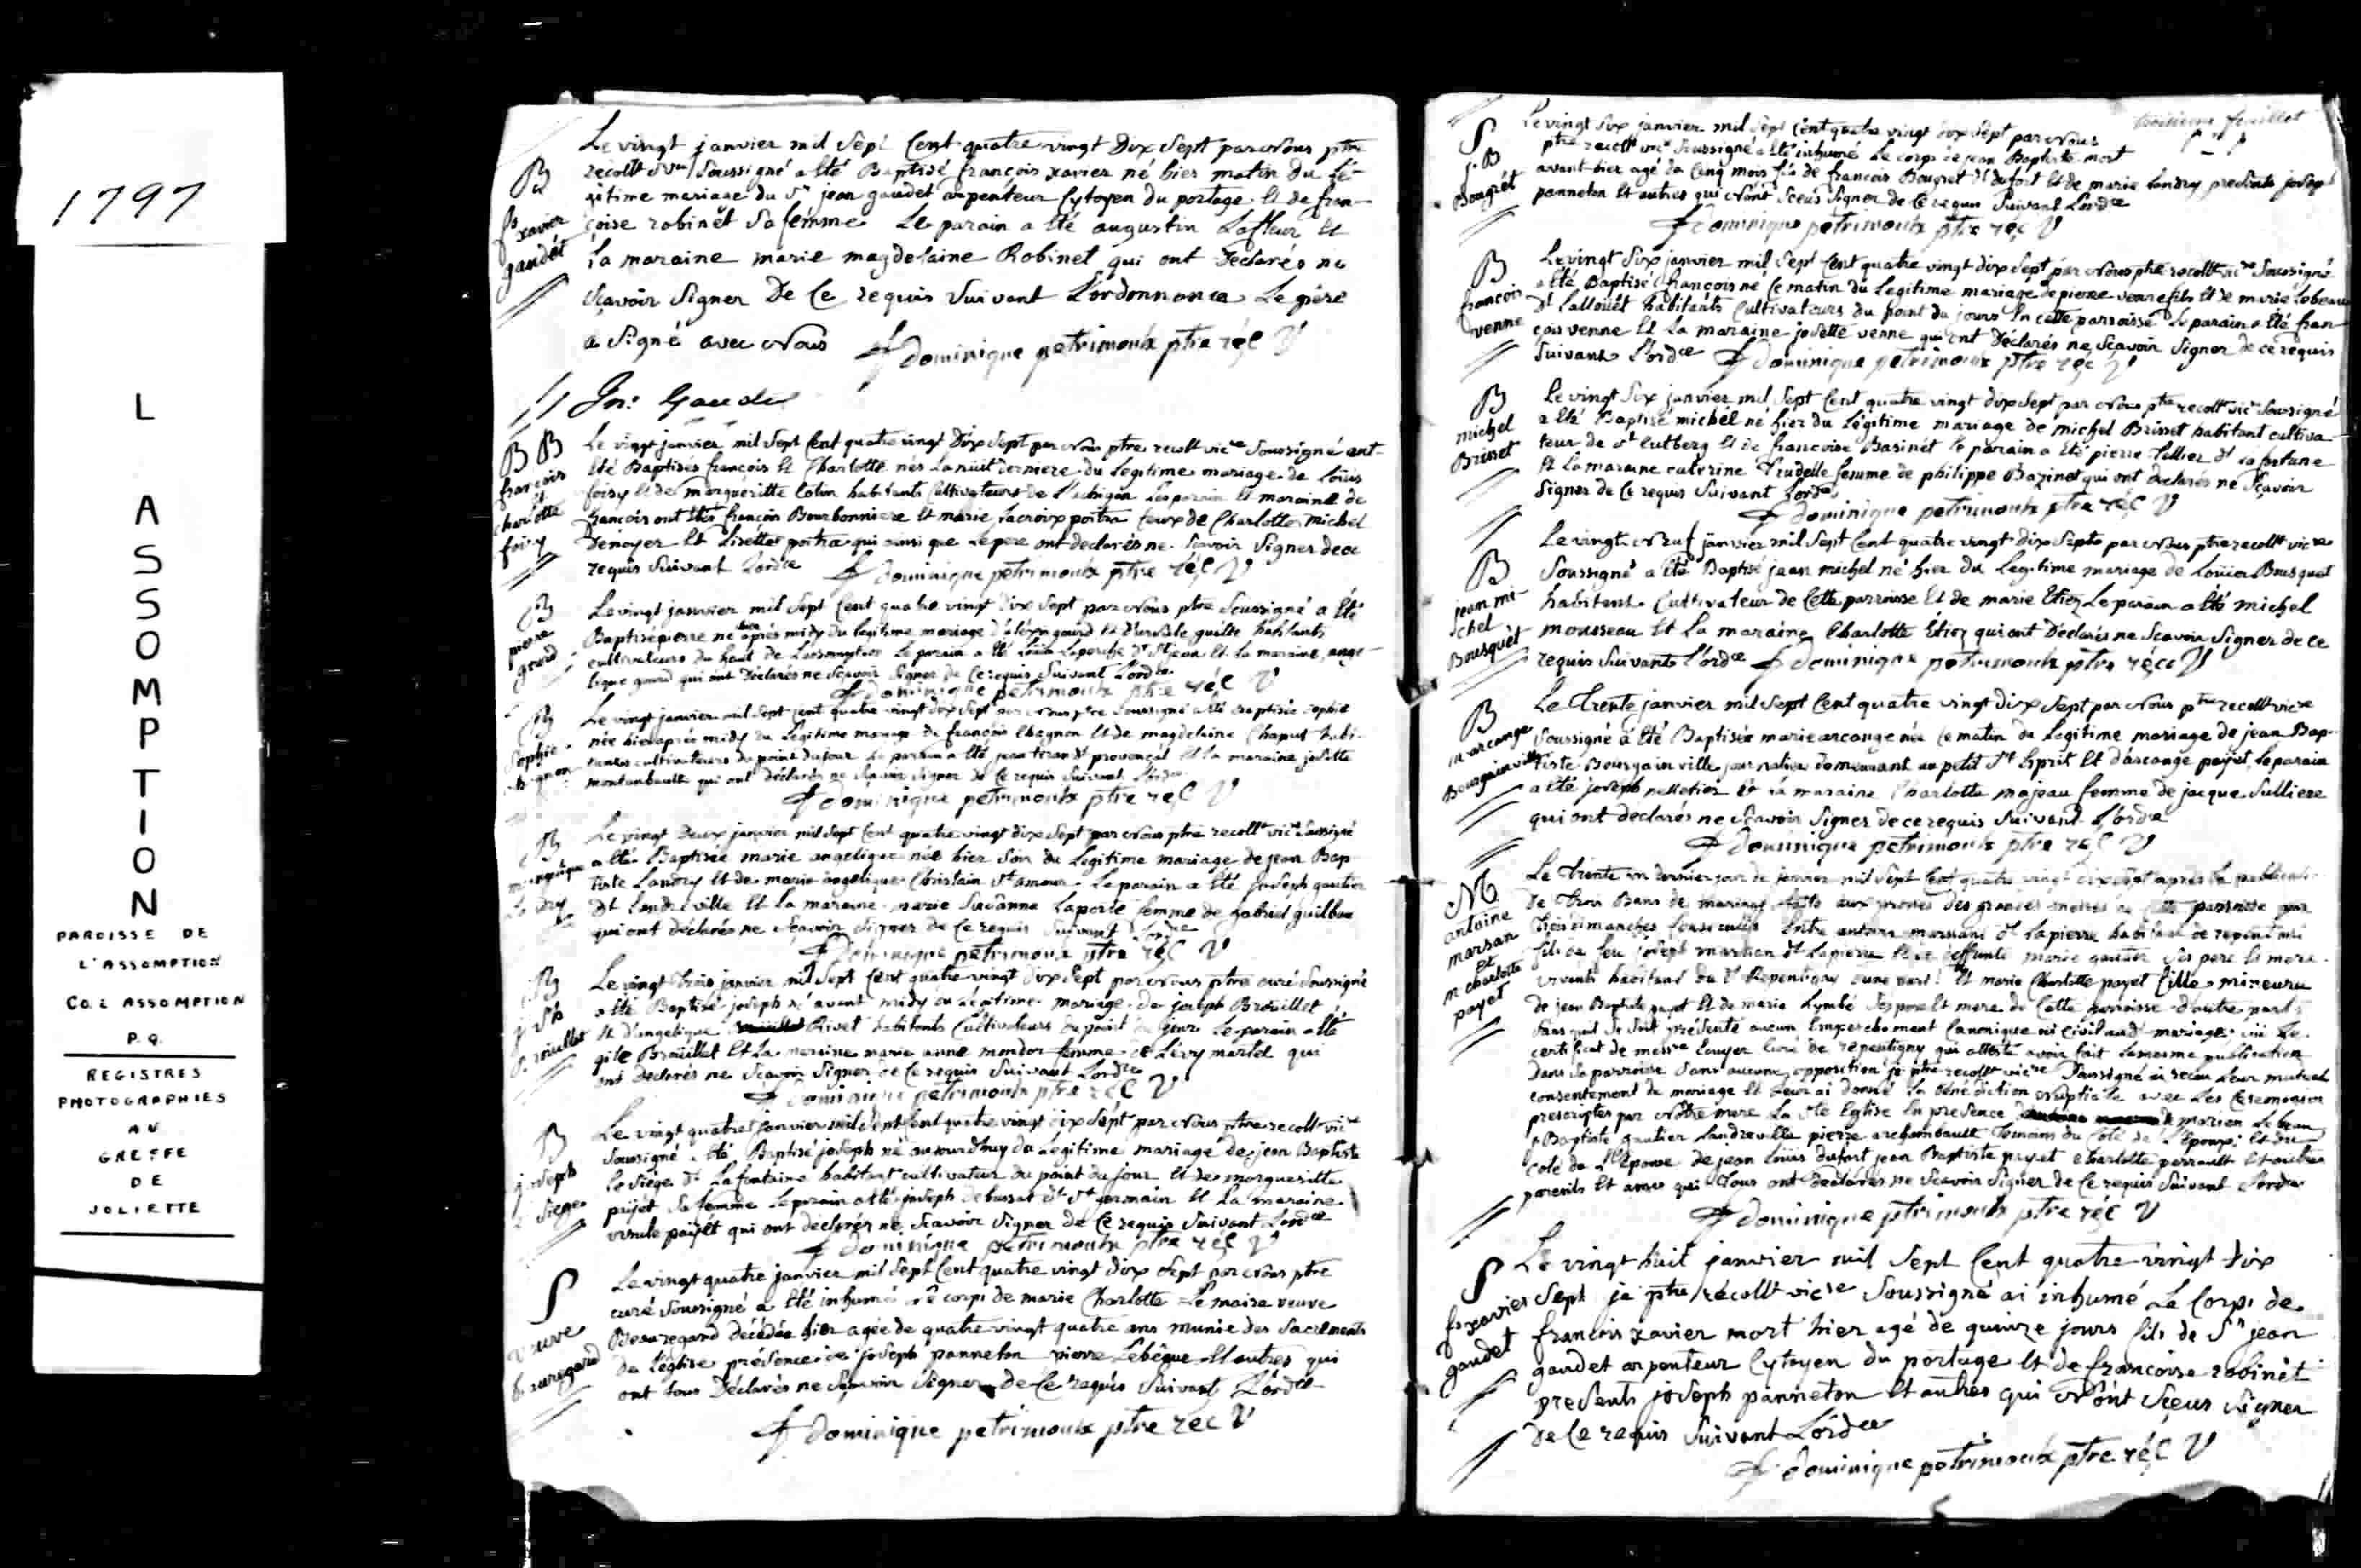 weddings acte de mariage entre antoine marsan dit lapierre et charlotte payet genealogy boucher bourgeois - Drag Mariage